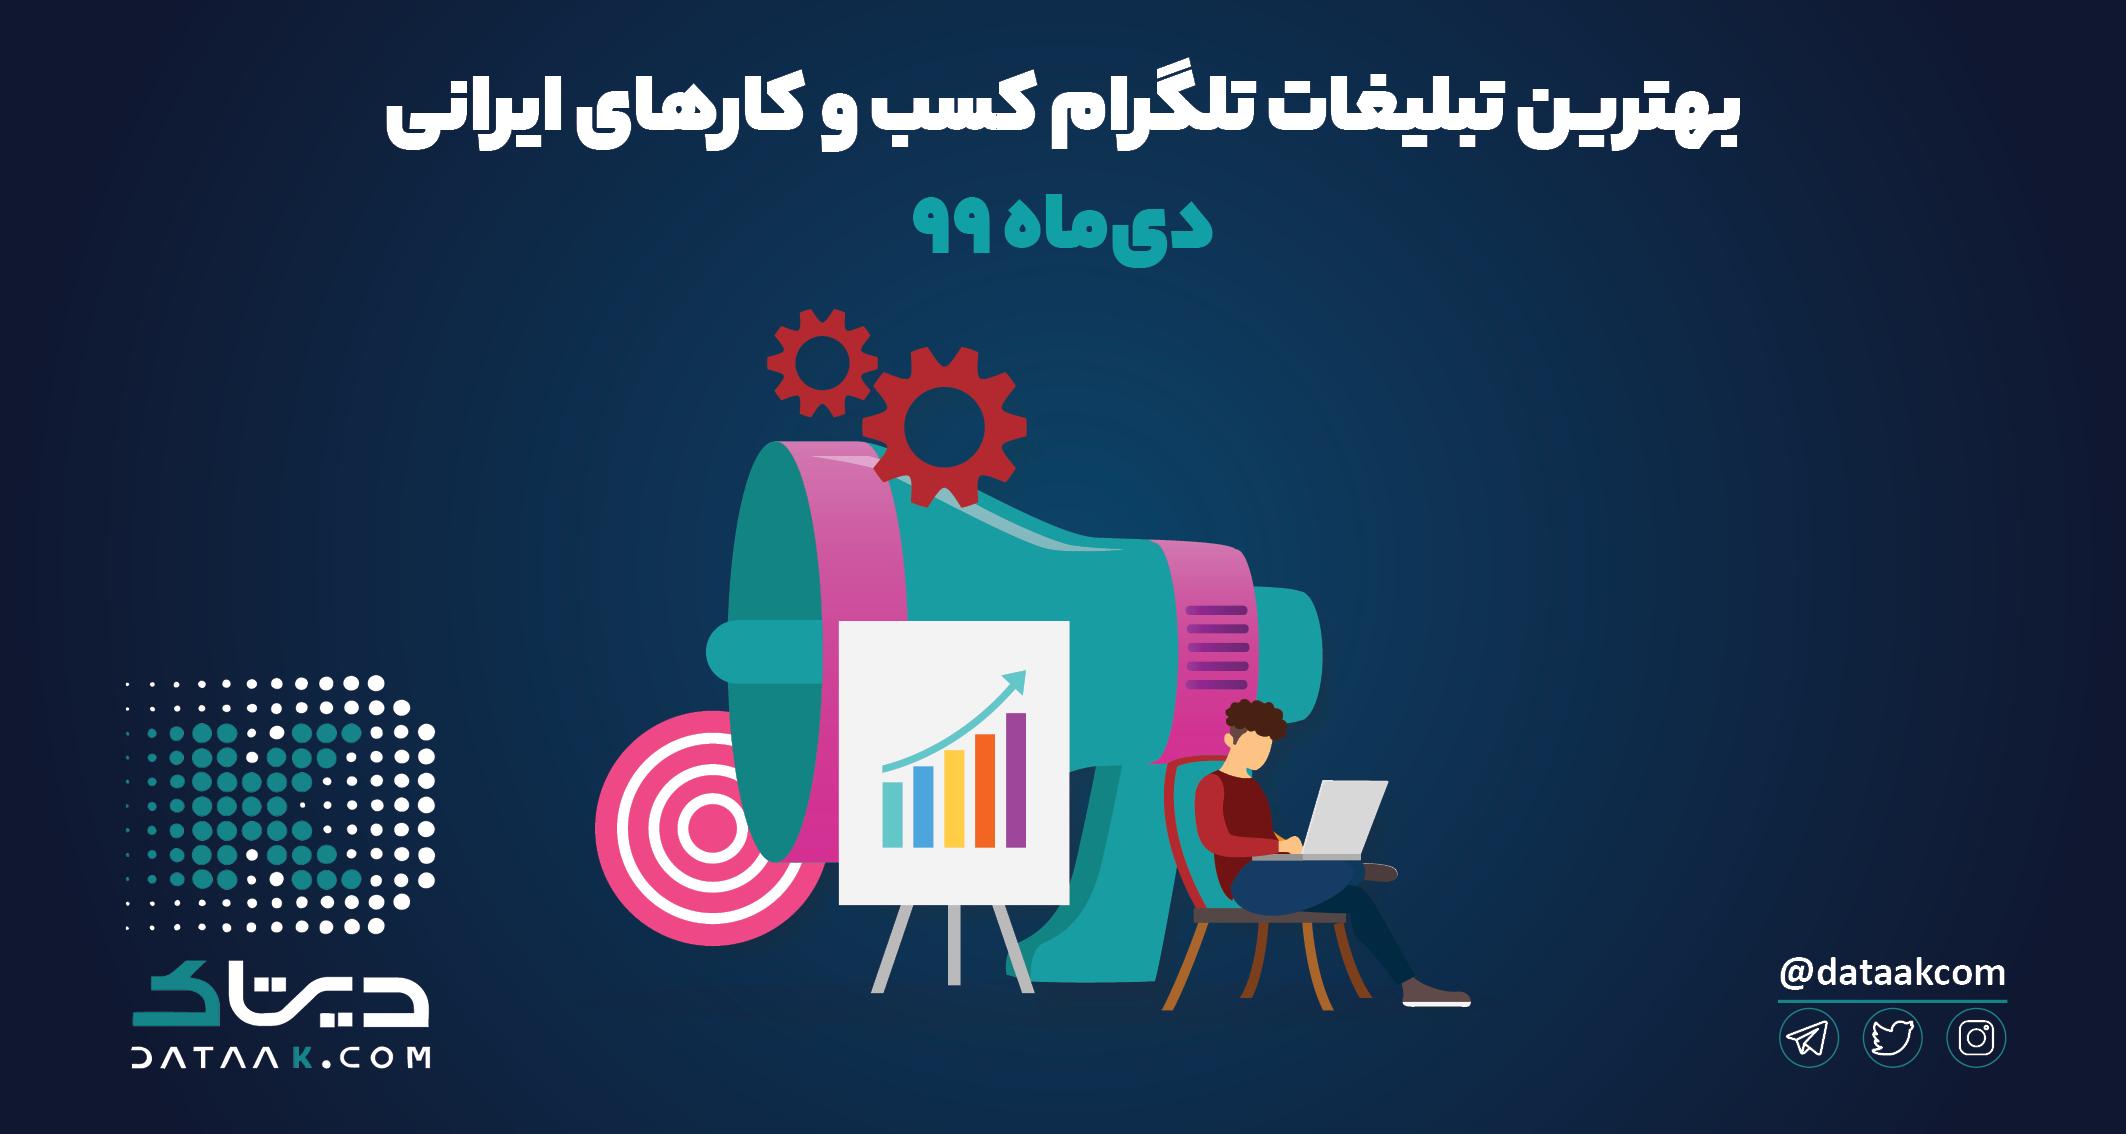 بهترین تبلیغات تلگرام کسب و کارهای ایرانی در دیماه ۹۹